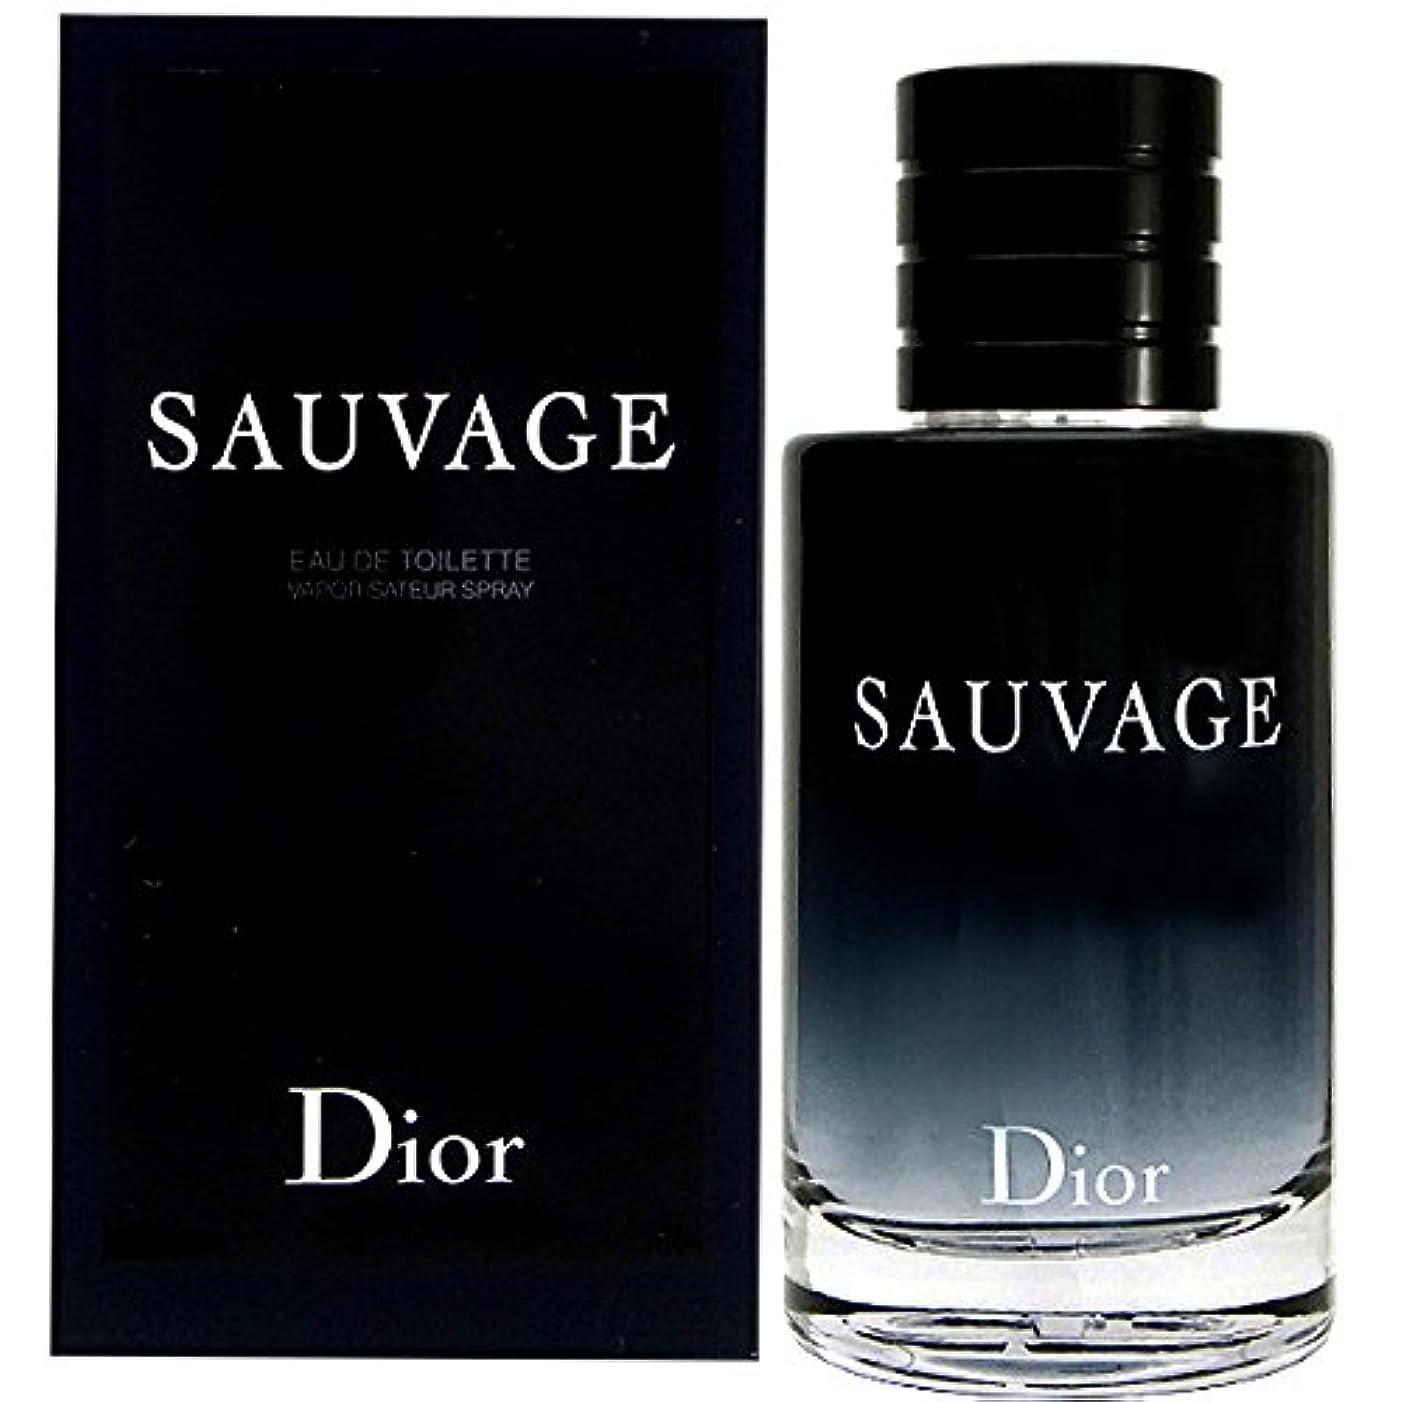 比喩うがい欠陥クリスチャンディオール Christian Dior ソヴァージュ 100ml EDT オードトワレ メンズ(香水) [並行輸入品]